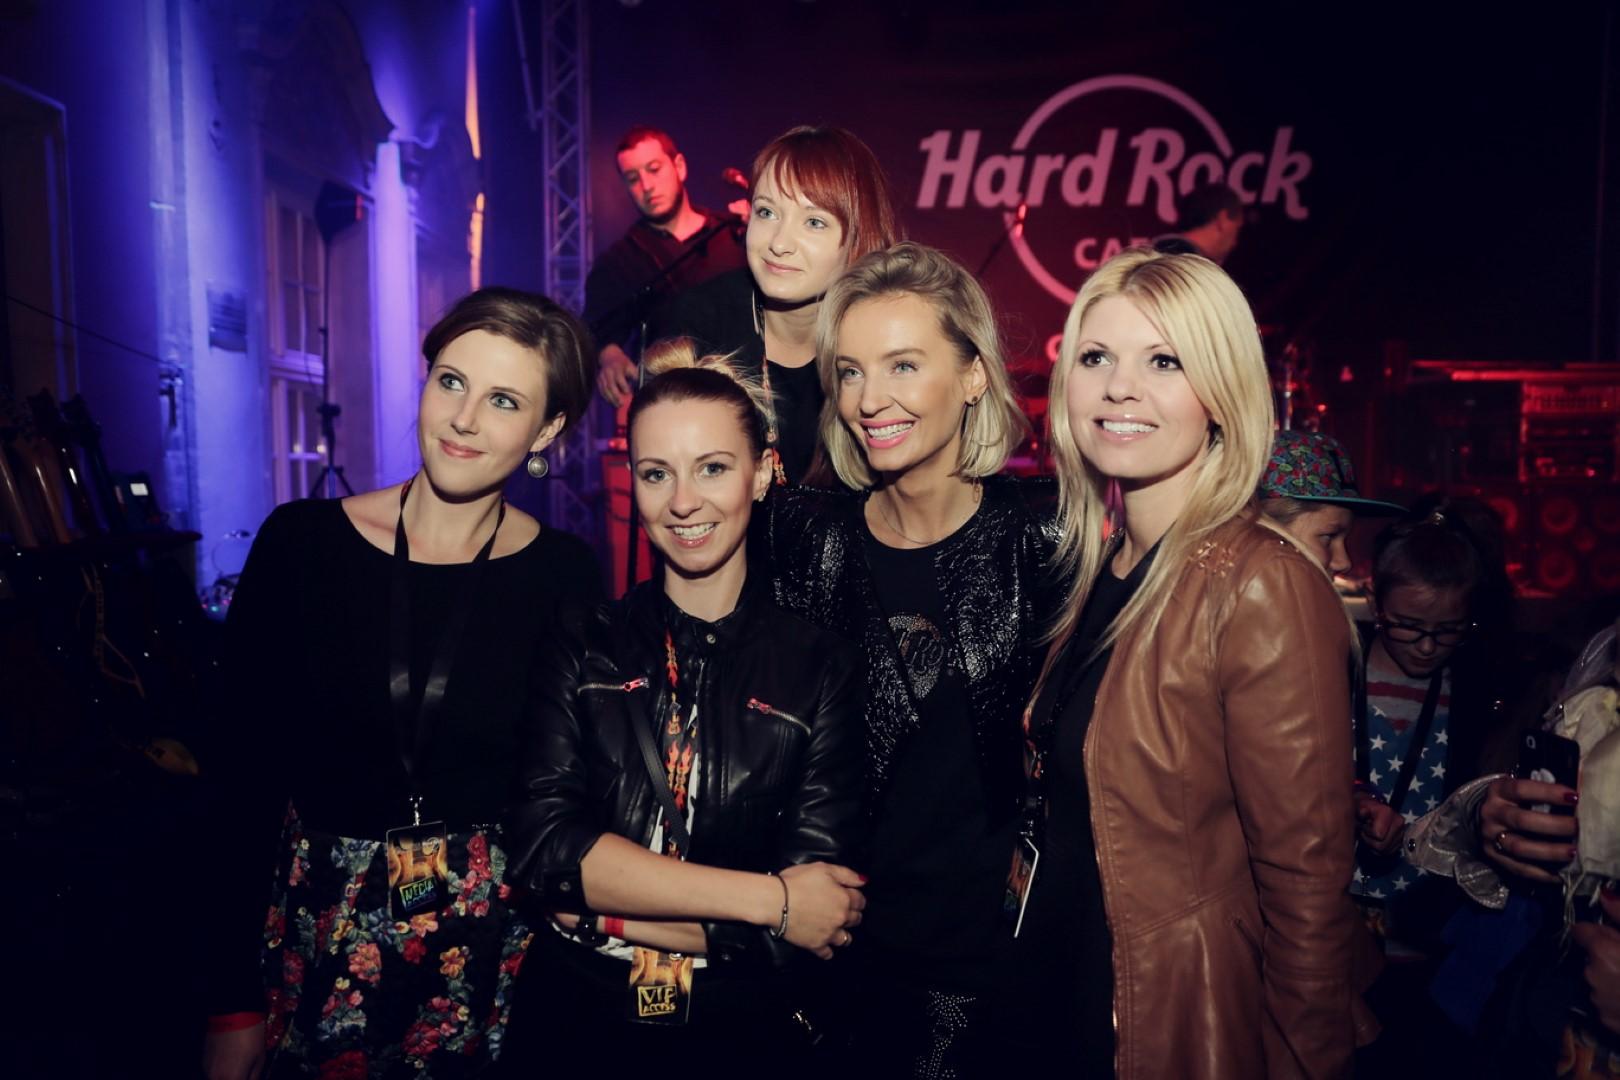 Hard Rock Cafe Gdańsk Grand Opening 2